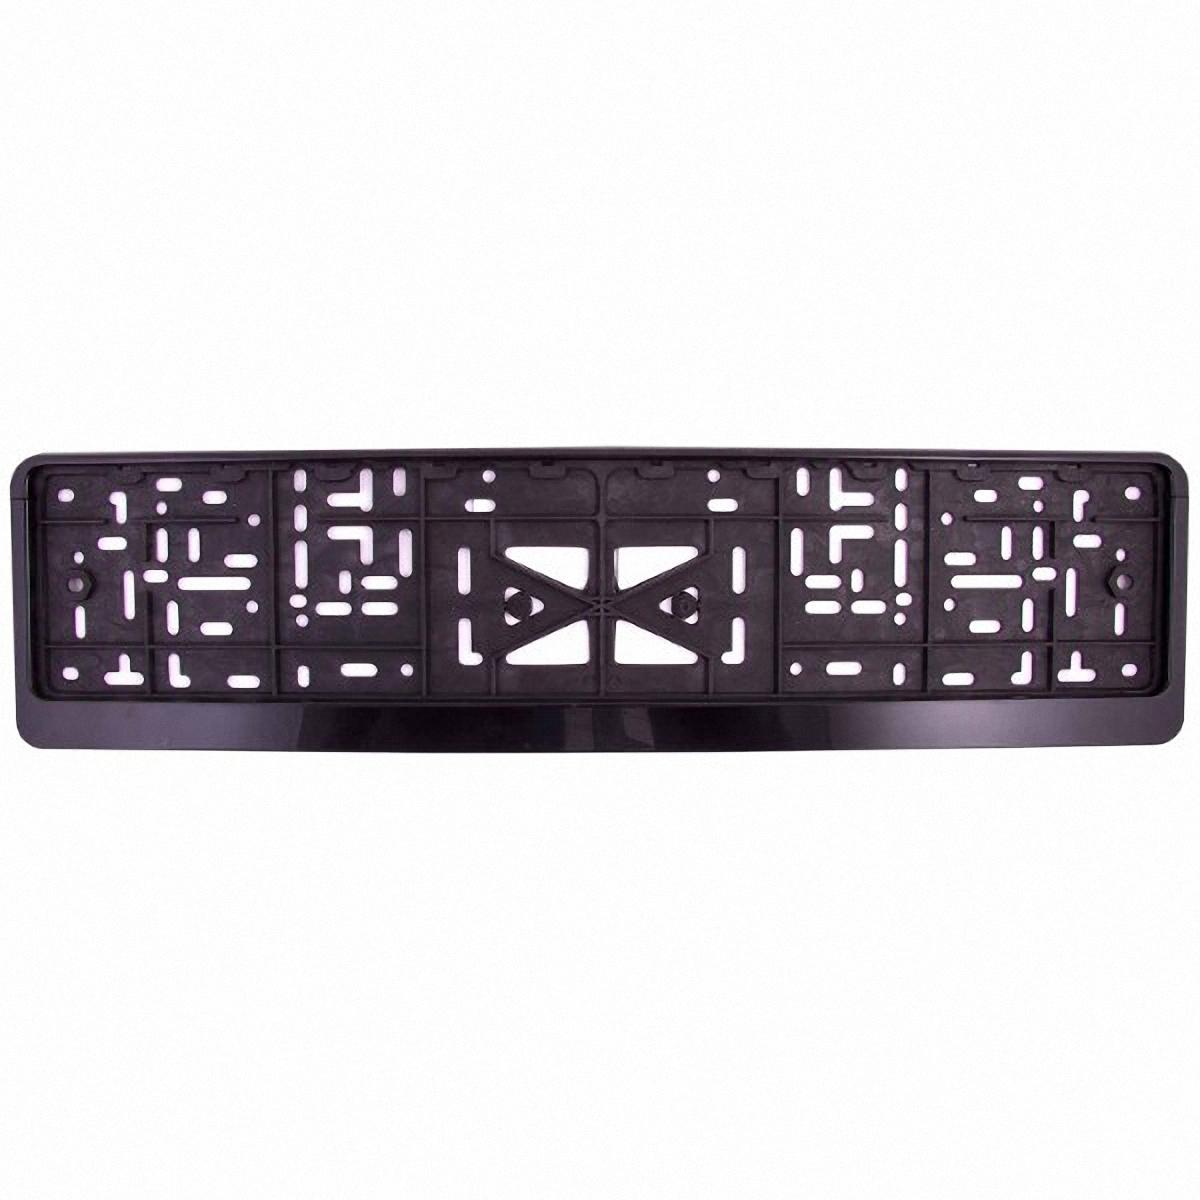 Рамка под номер Skyway, пластмассовая, с защелкой, цвет: черныйKGB GX-3Рамка под номер пластмассовая с защёлкой – предназначена для того, чтобы фиксировать номерной знак на автомобиле, защищая от соприкосновения его с кузовом, а также для защиты от кражи. Рамка имеет надежное крепление с защелкой, изготовлена из морозостойкого пластика. Быстро устанавливается и надолго сохраняет внешний вид.Характеристики:Размер - 13,5*53*1,3смВысота верхнего поля - 5ммВысота нижнего поля - 23ммМатериал рамки - пластмассаКрепление – защелка (книжка)